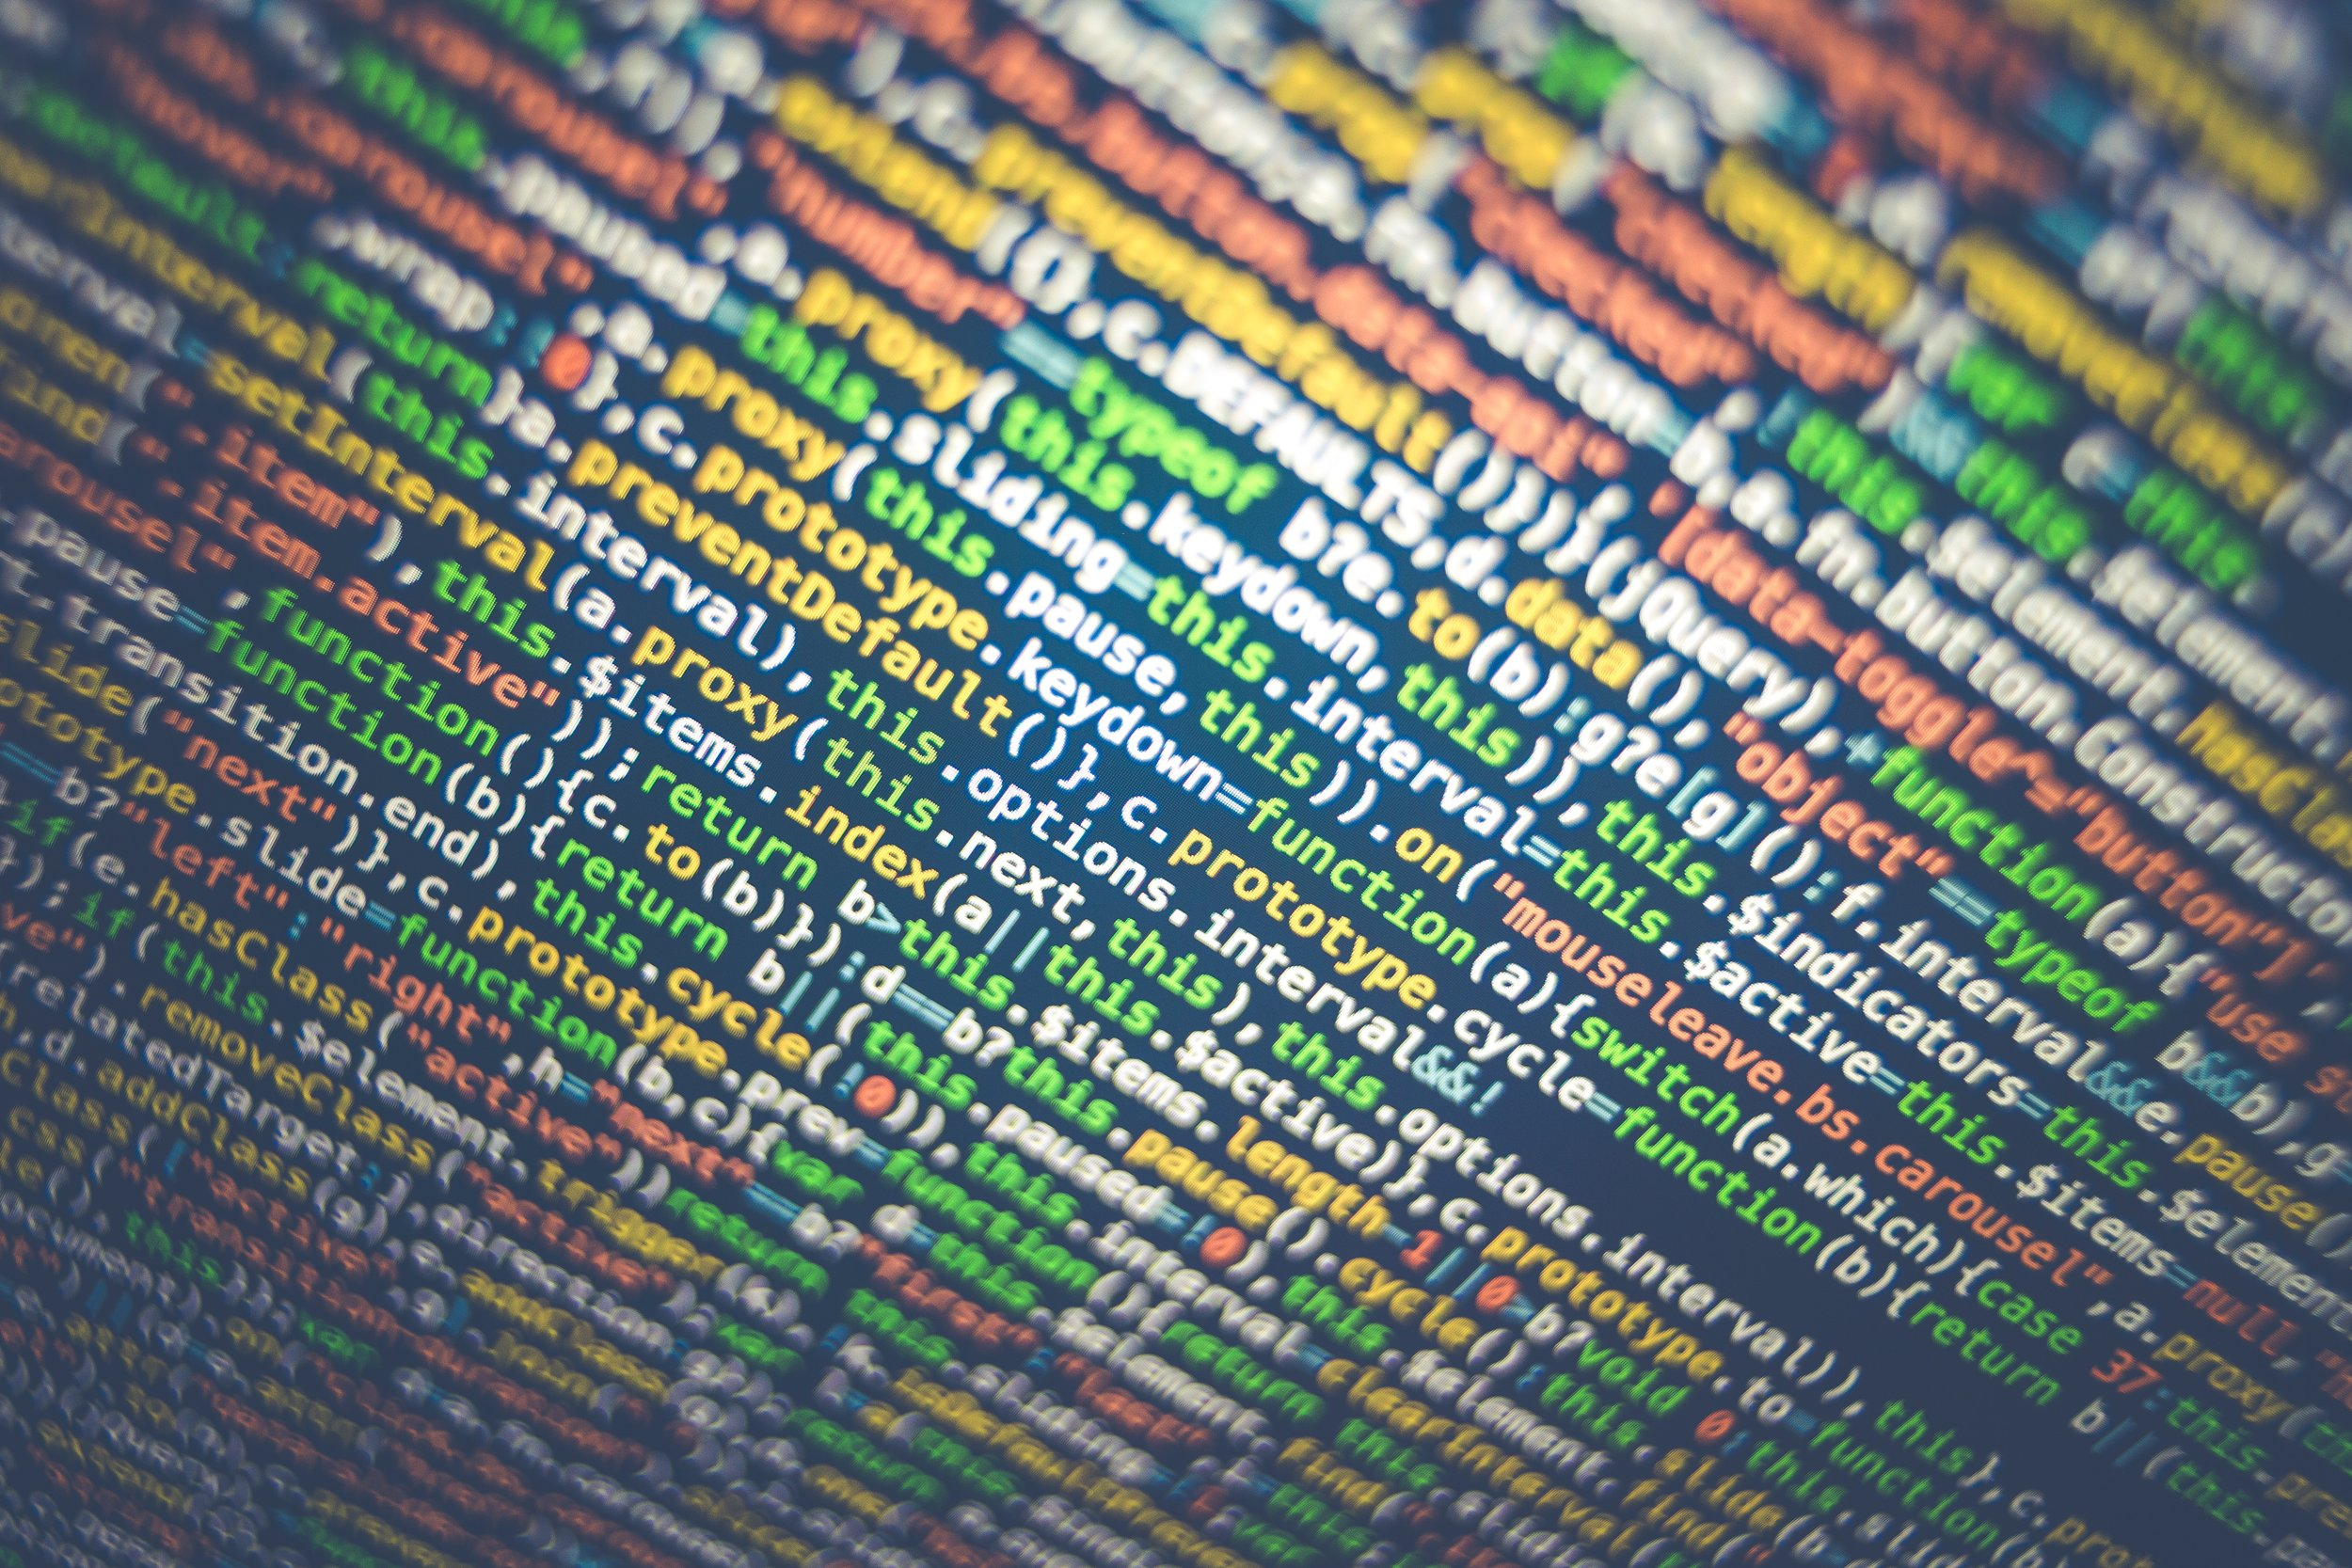 DigitalCode.jpg